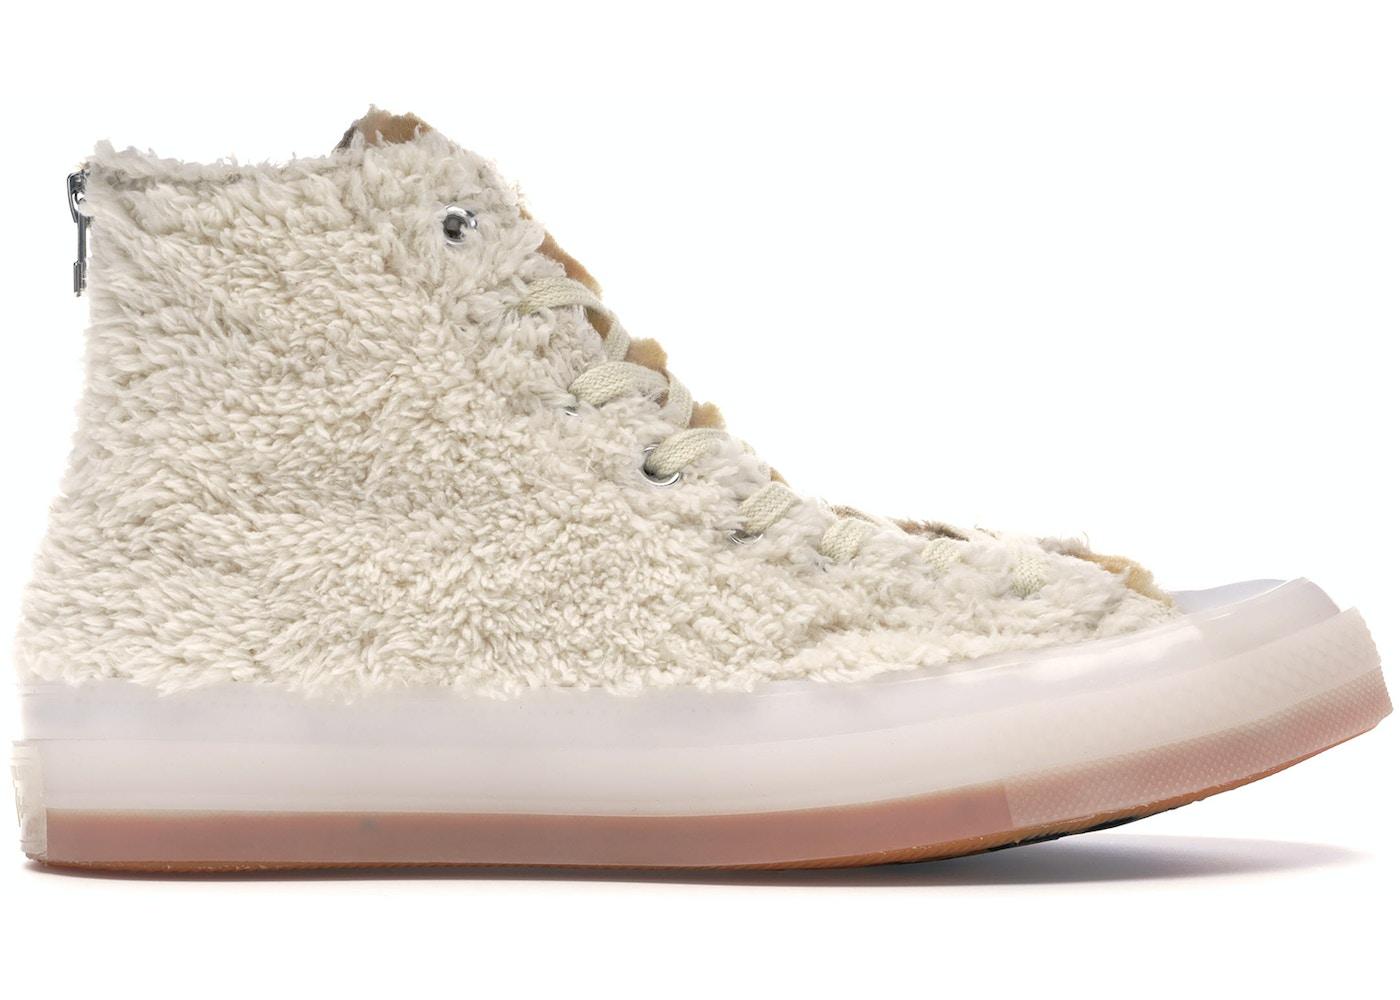 38e0cd40d32c Converse Footwear - Buy Deadstock Sneakers